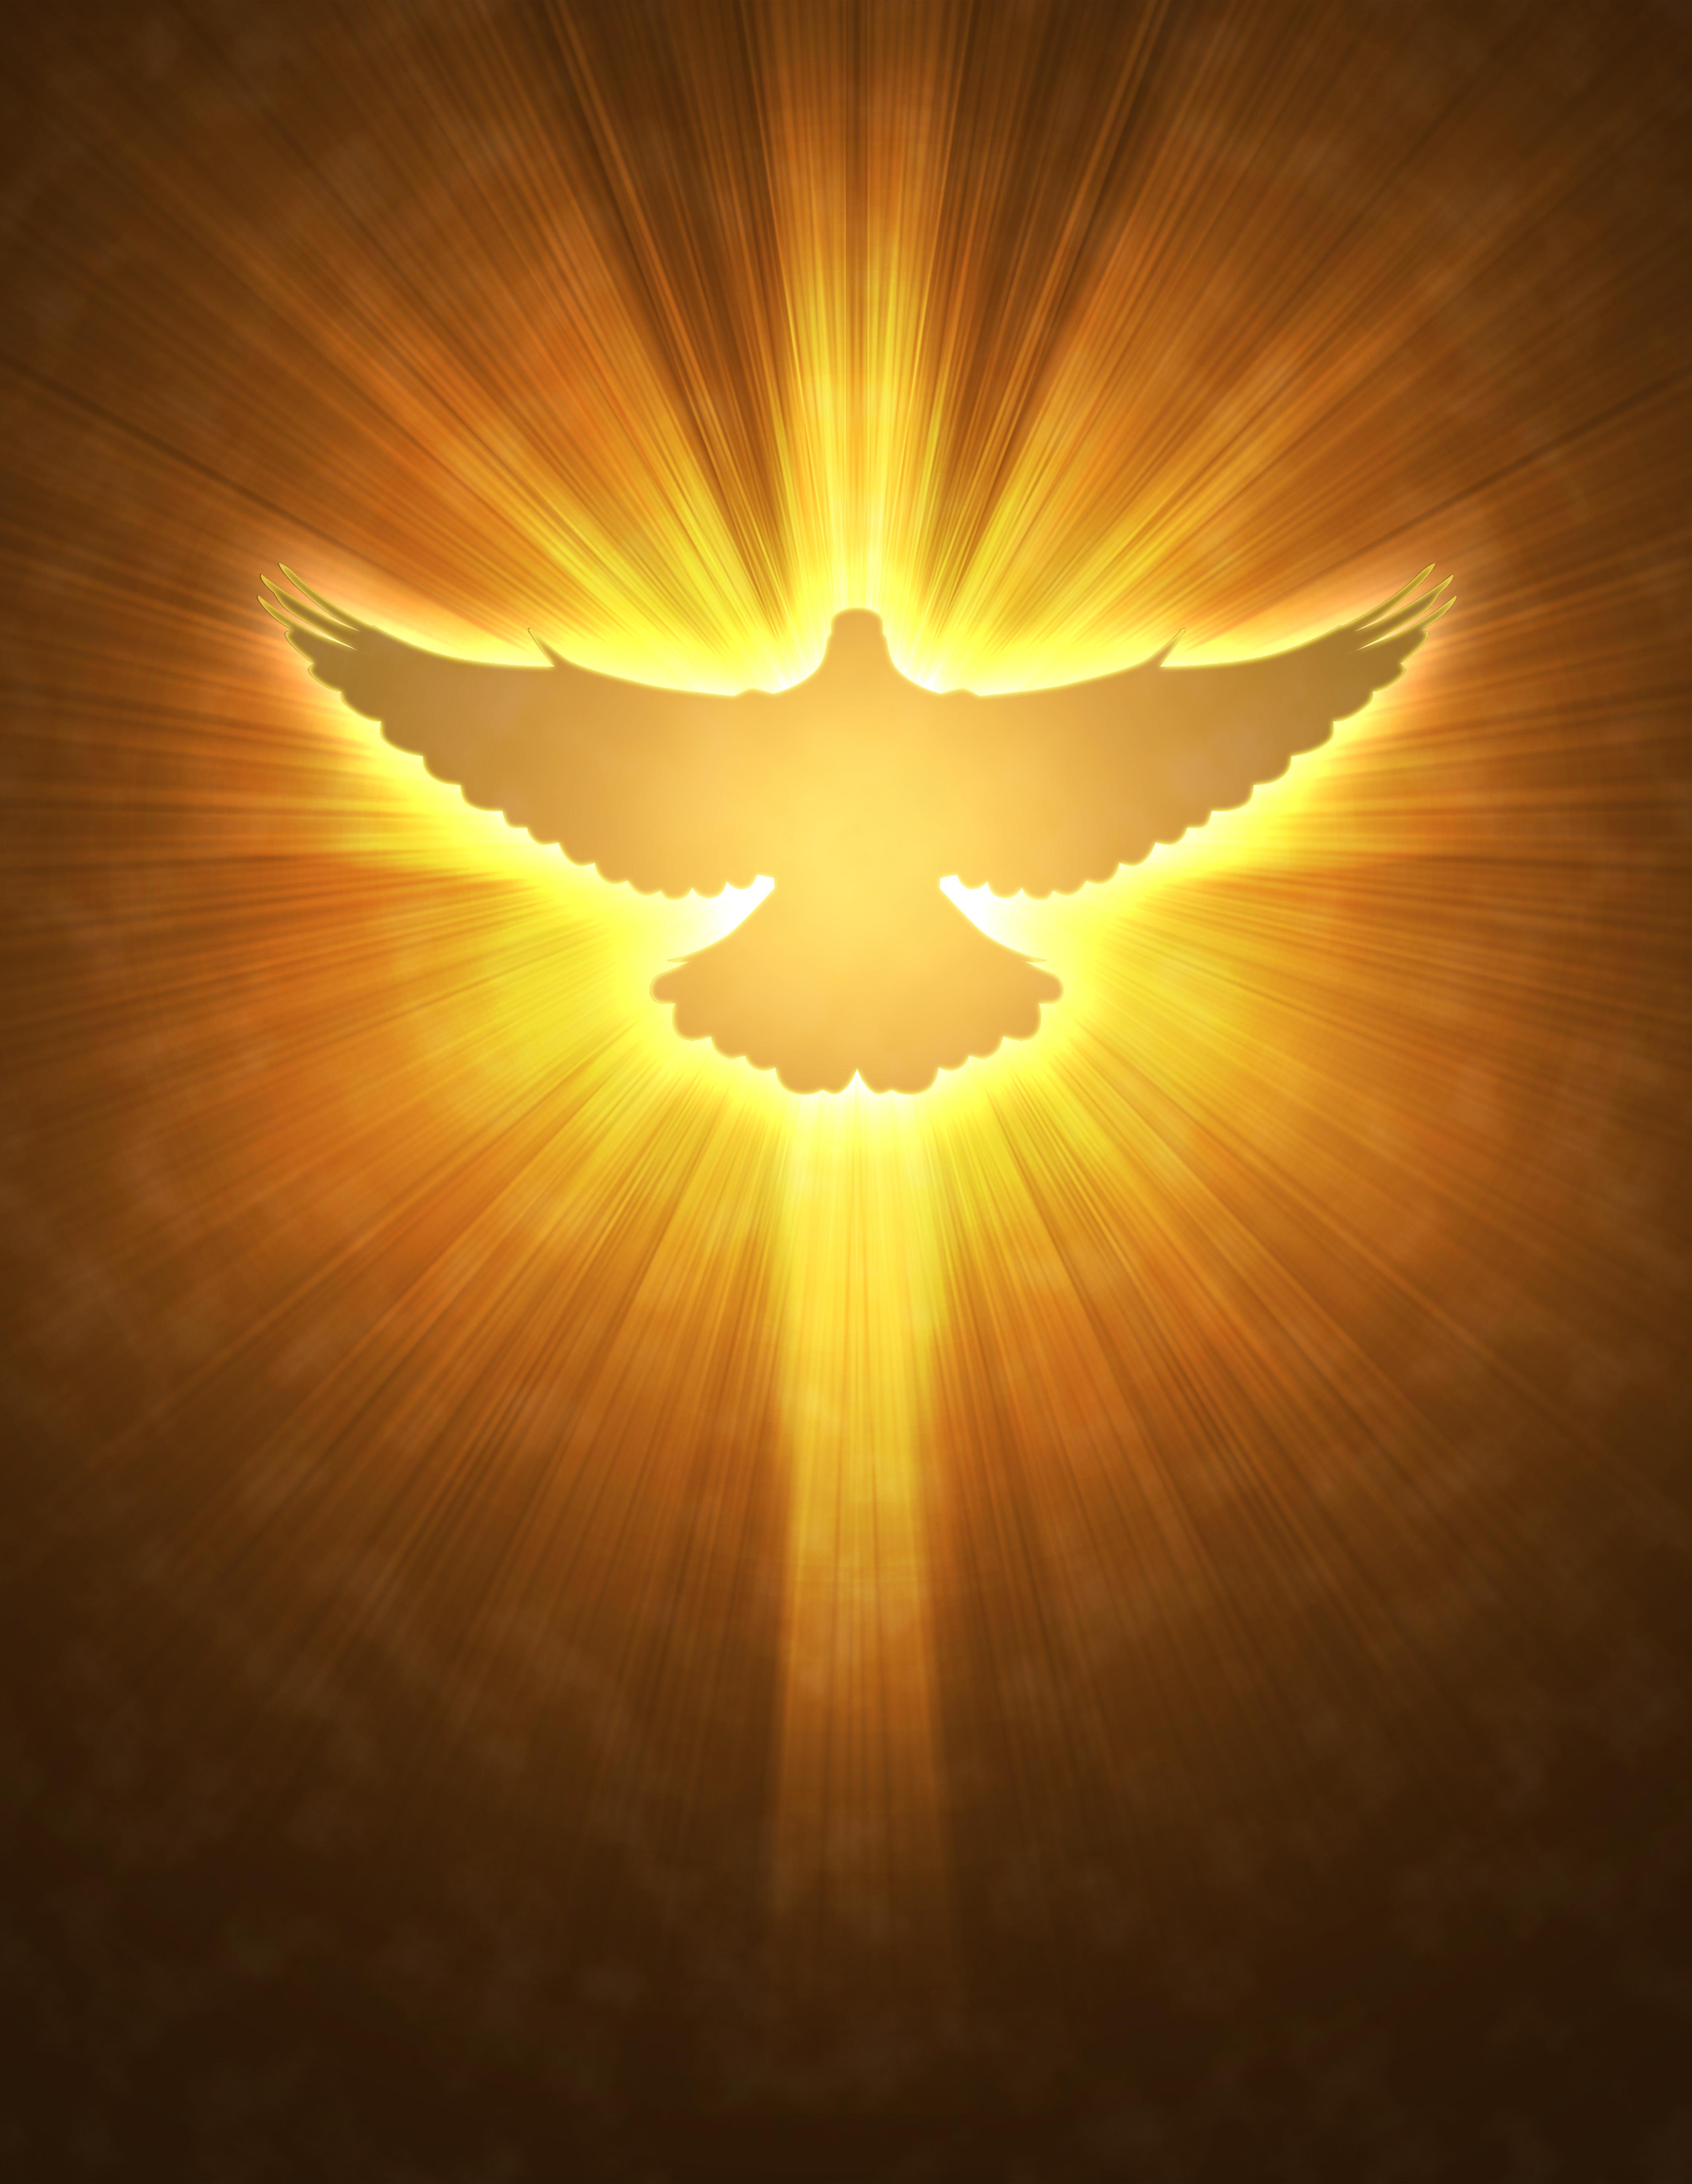 Heaven clipart spiritual Of The down a Spirit